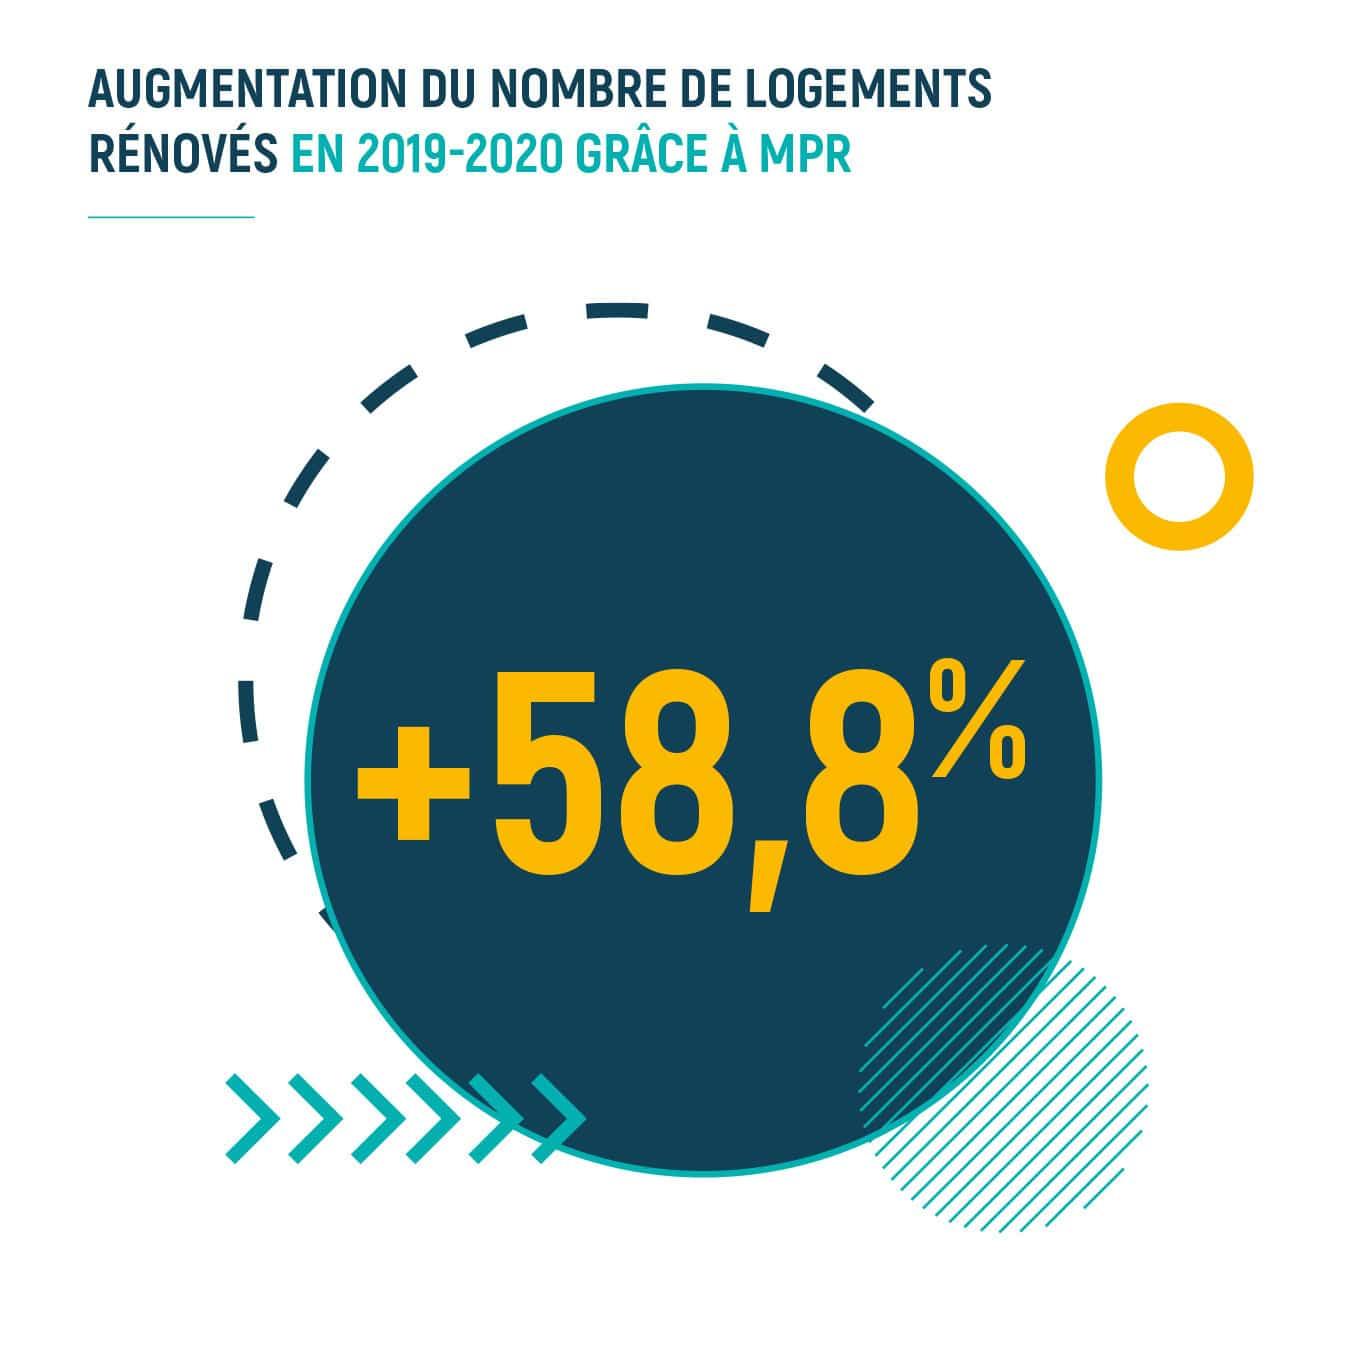 Augmentation du nombre de logements rénovés en 2019-2020 grâce à MPR